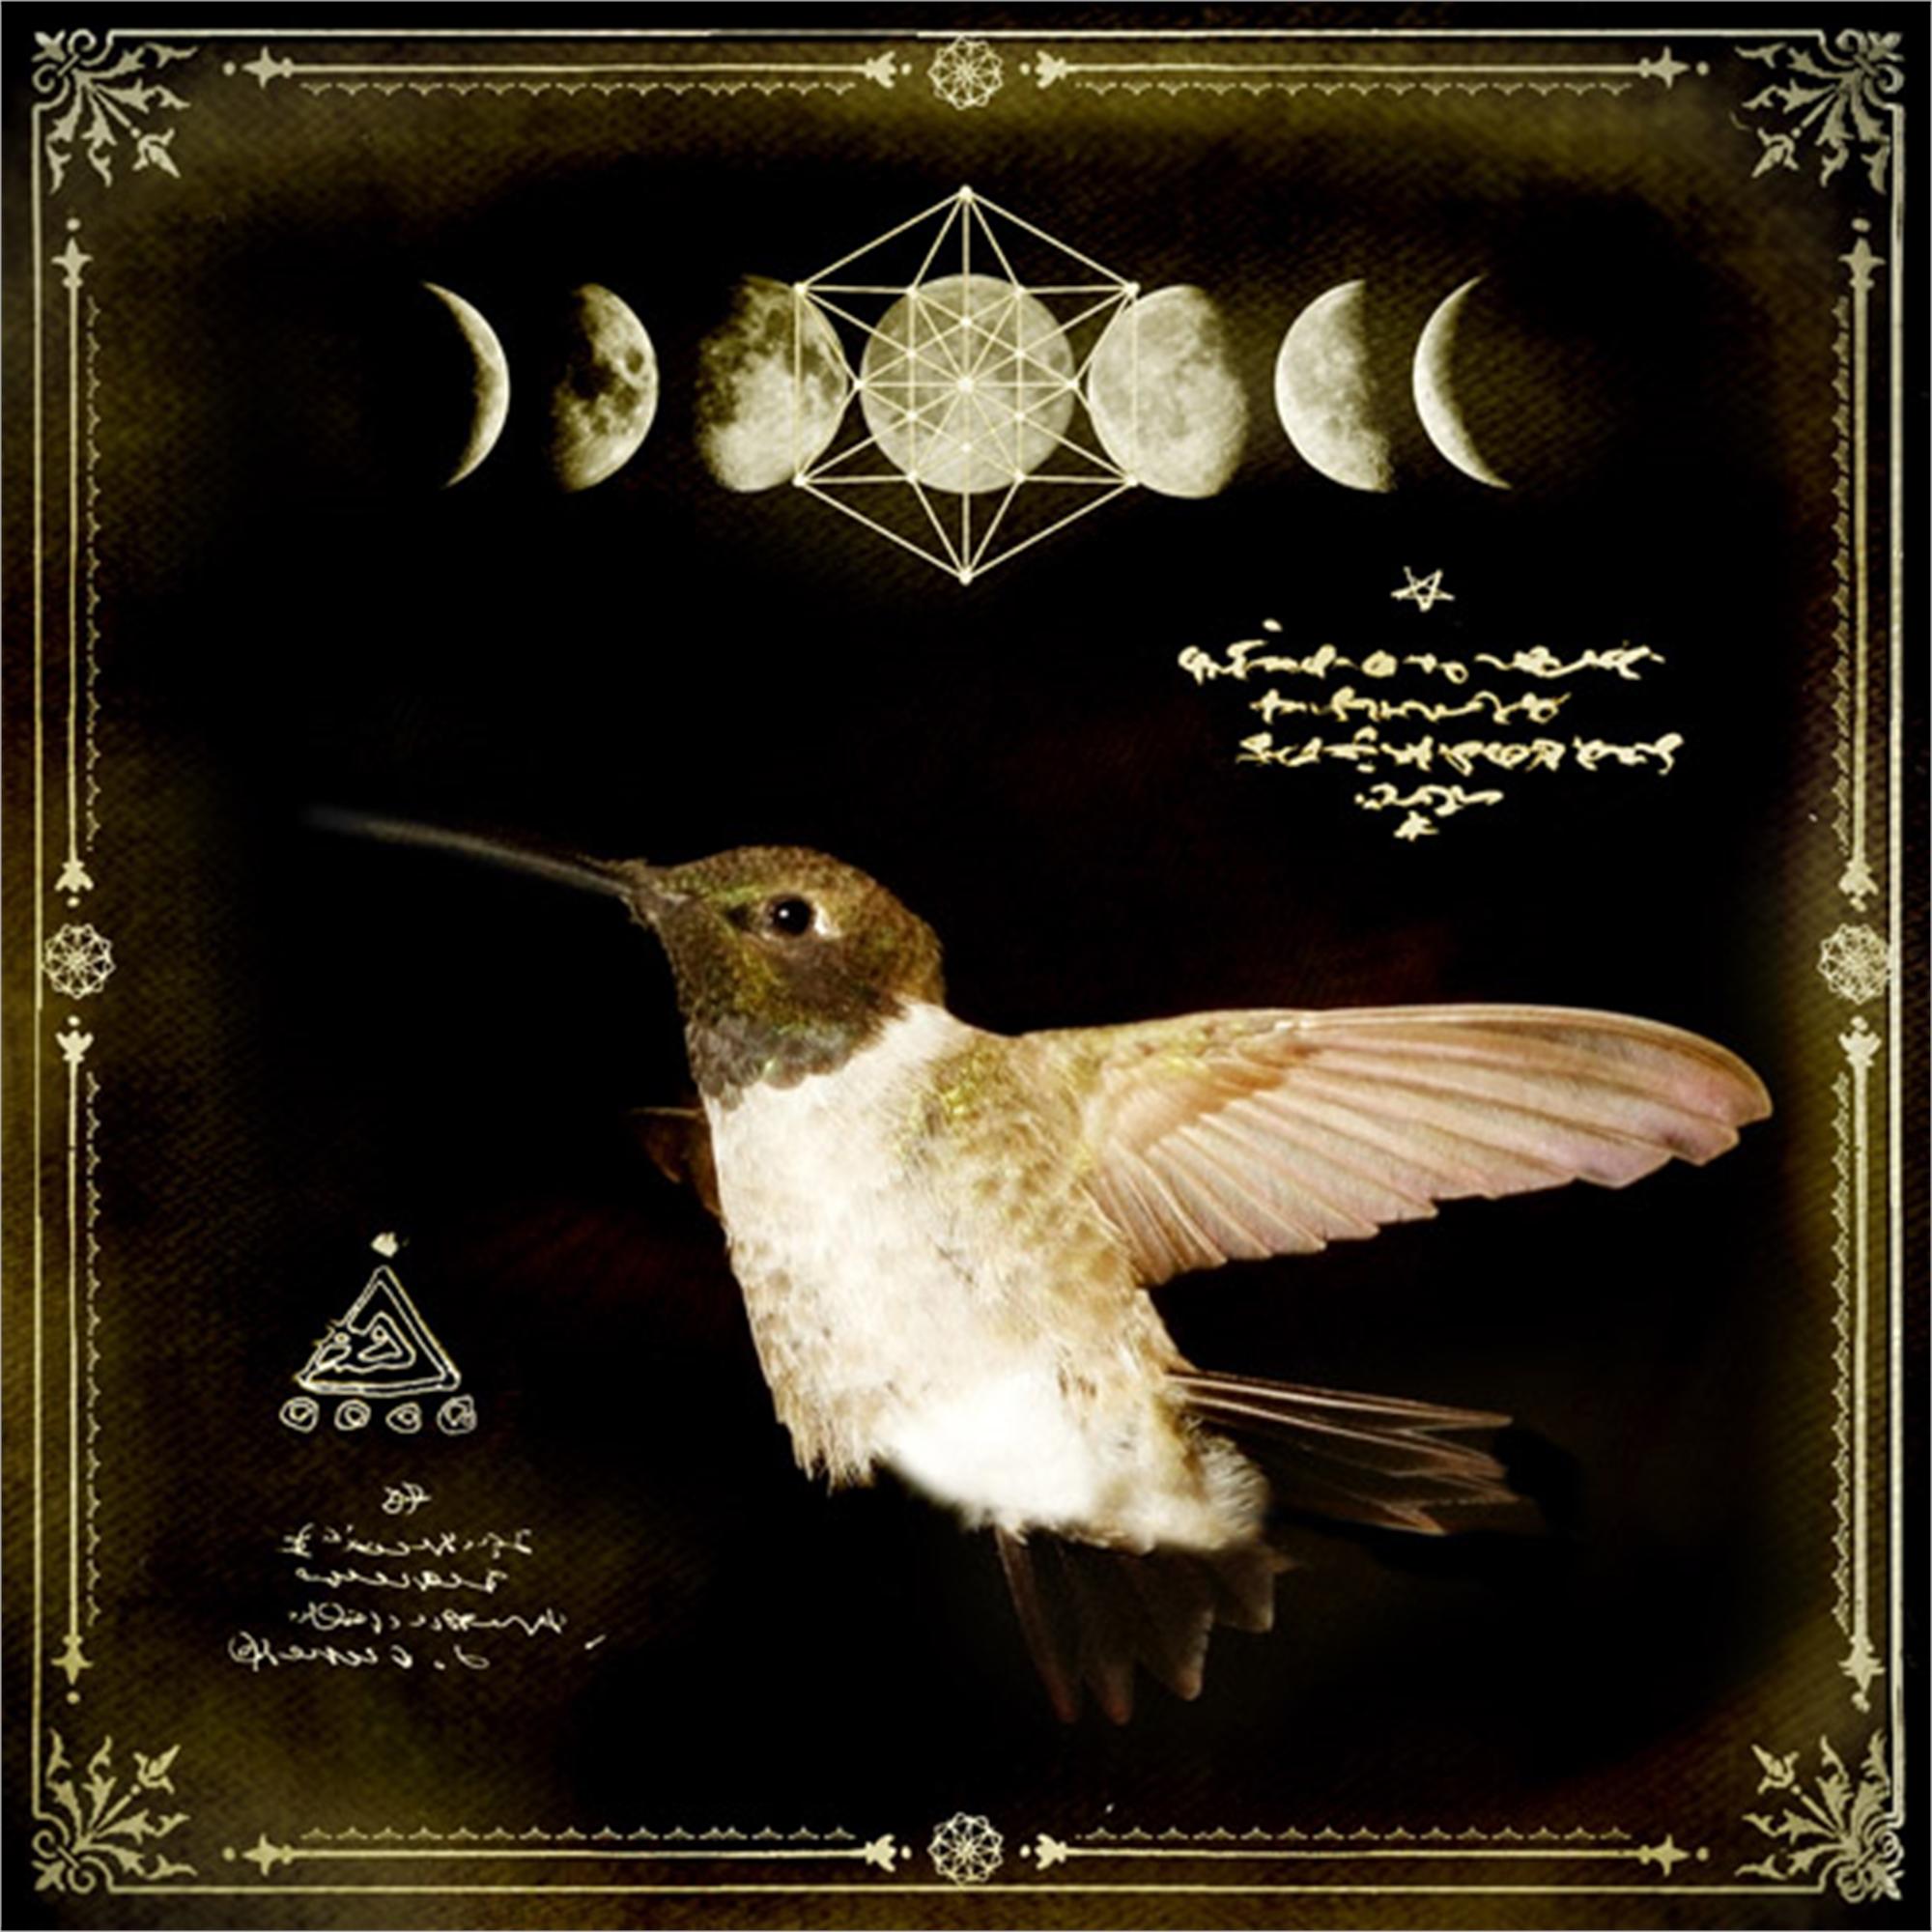 Divine Messenger 33 by Yuko Ishii